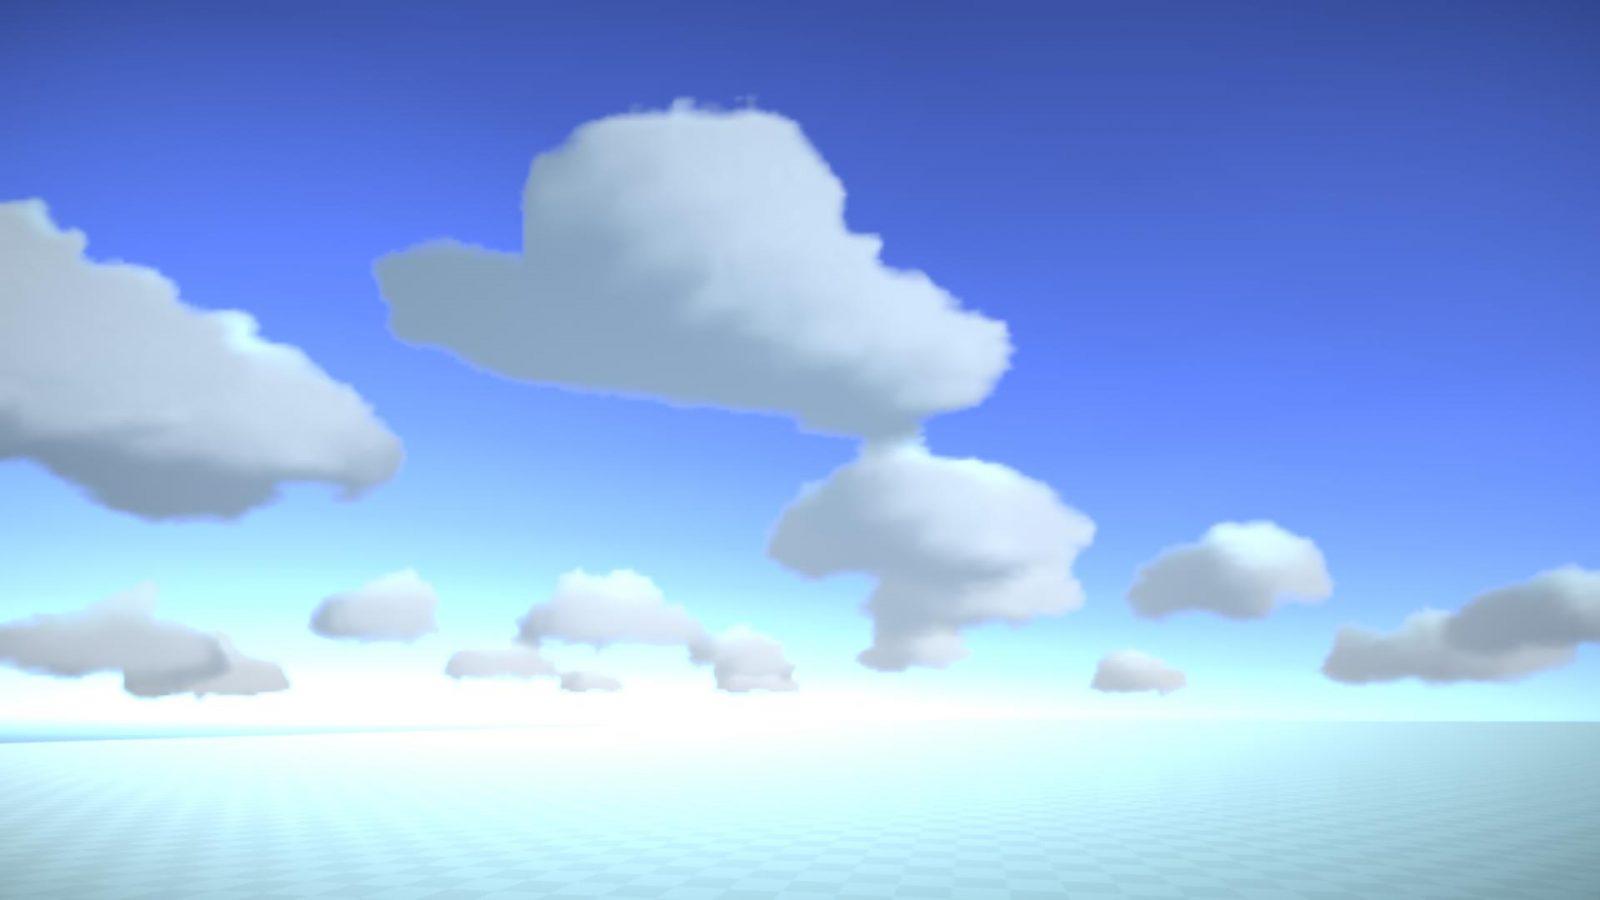 On Mesh Cloud Rendering – Reimplement Sea of Thieves' cloud   模型云渲染-重现盗贼之海的云